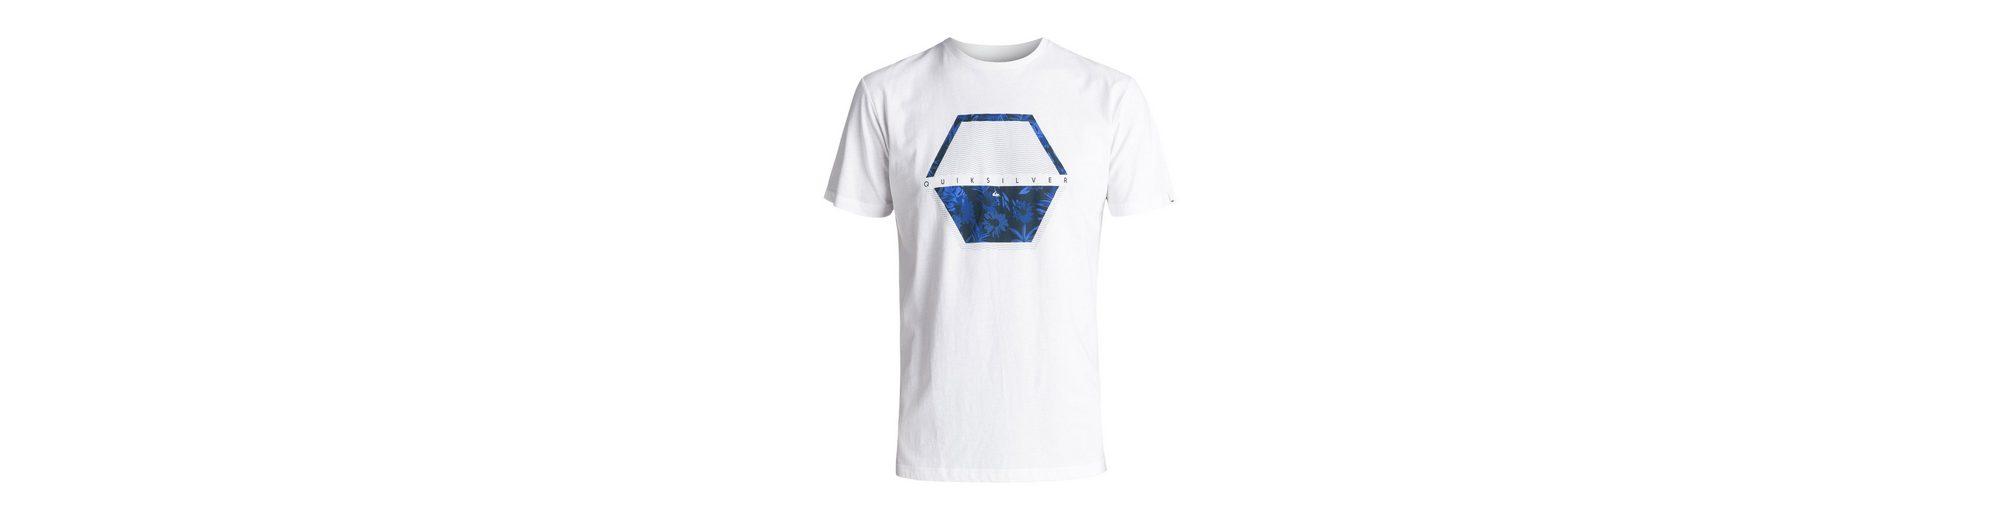 Eastbay Quiksilver T-Shirt Classic Comfort Place Auslassstellen Günstiger Preis fqnaqER8